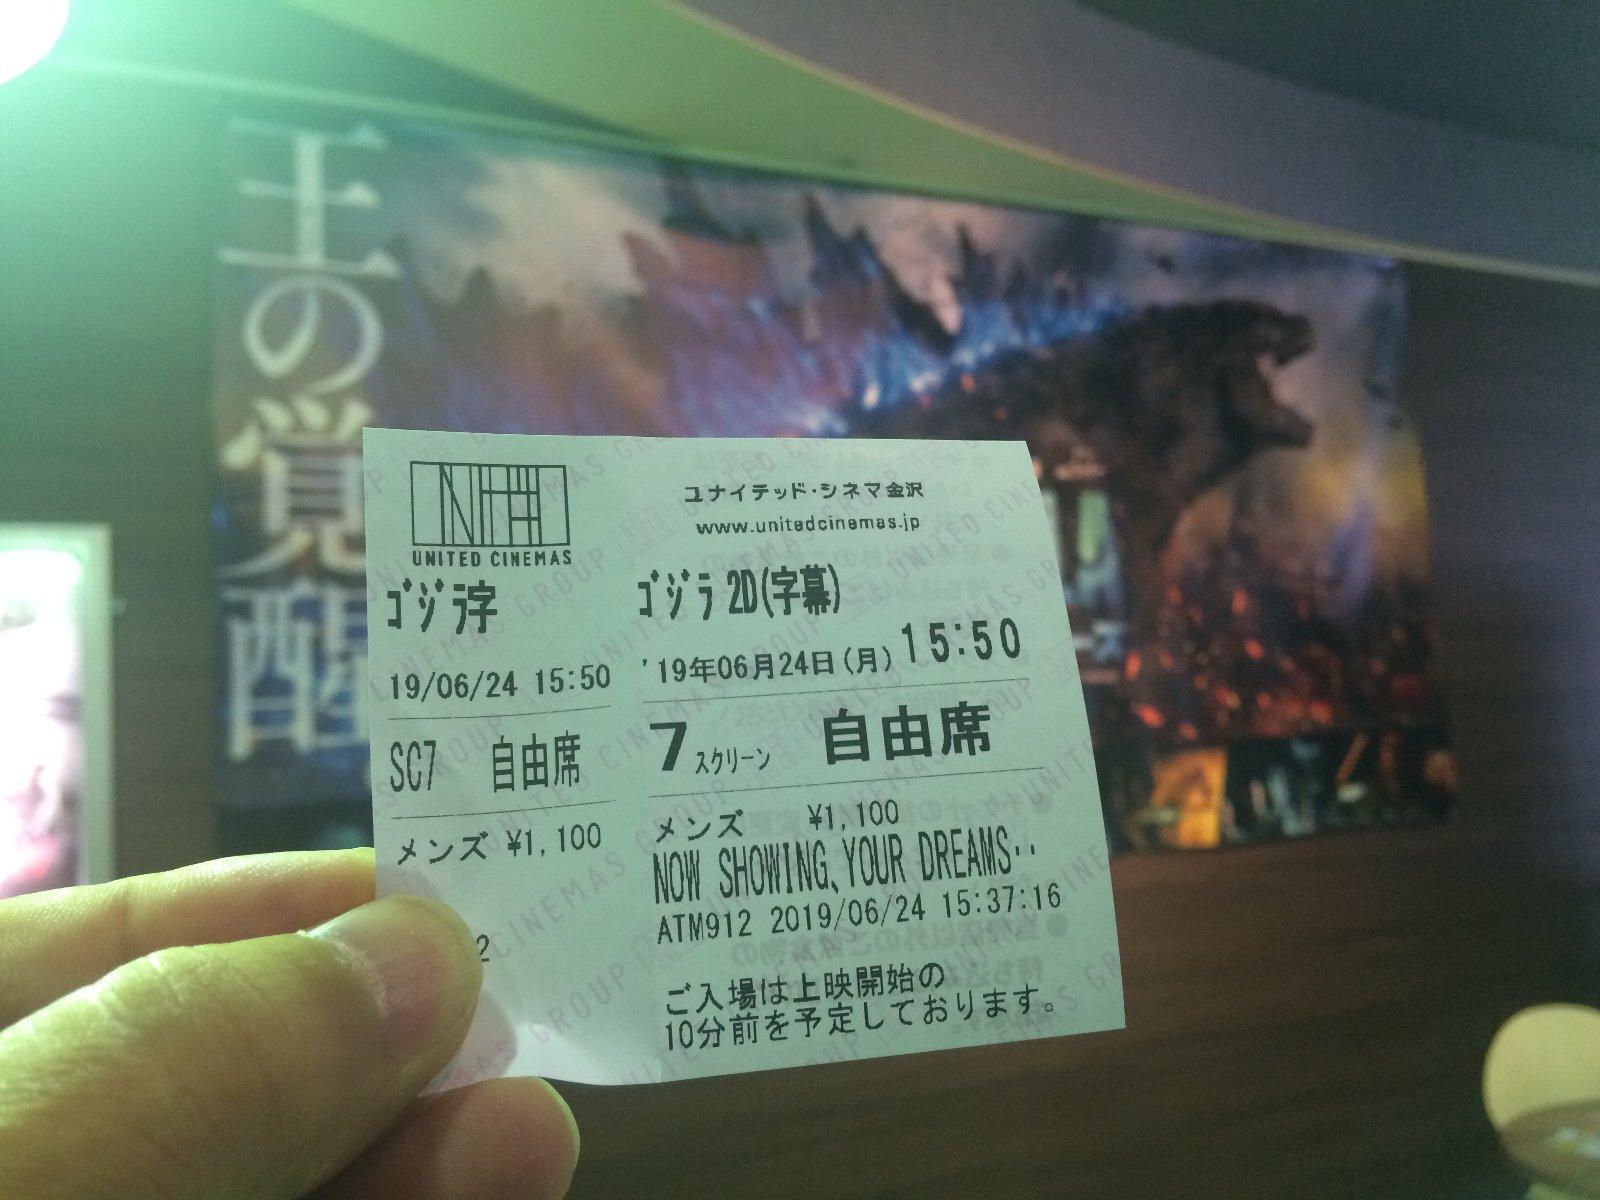 ユナイテッドシネマ金沢 チケット